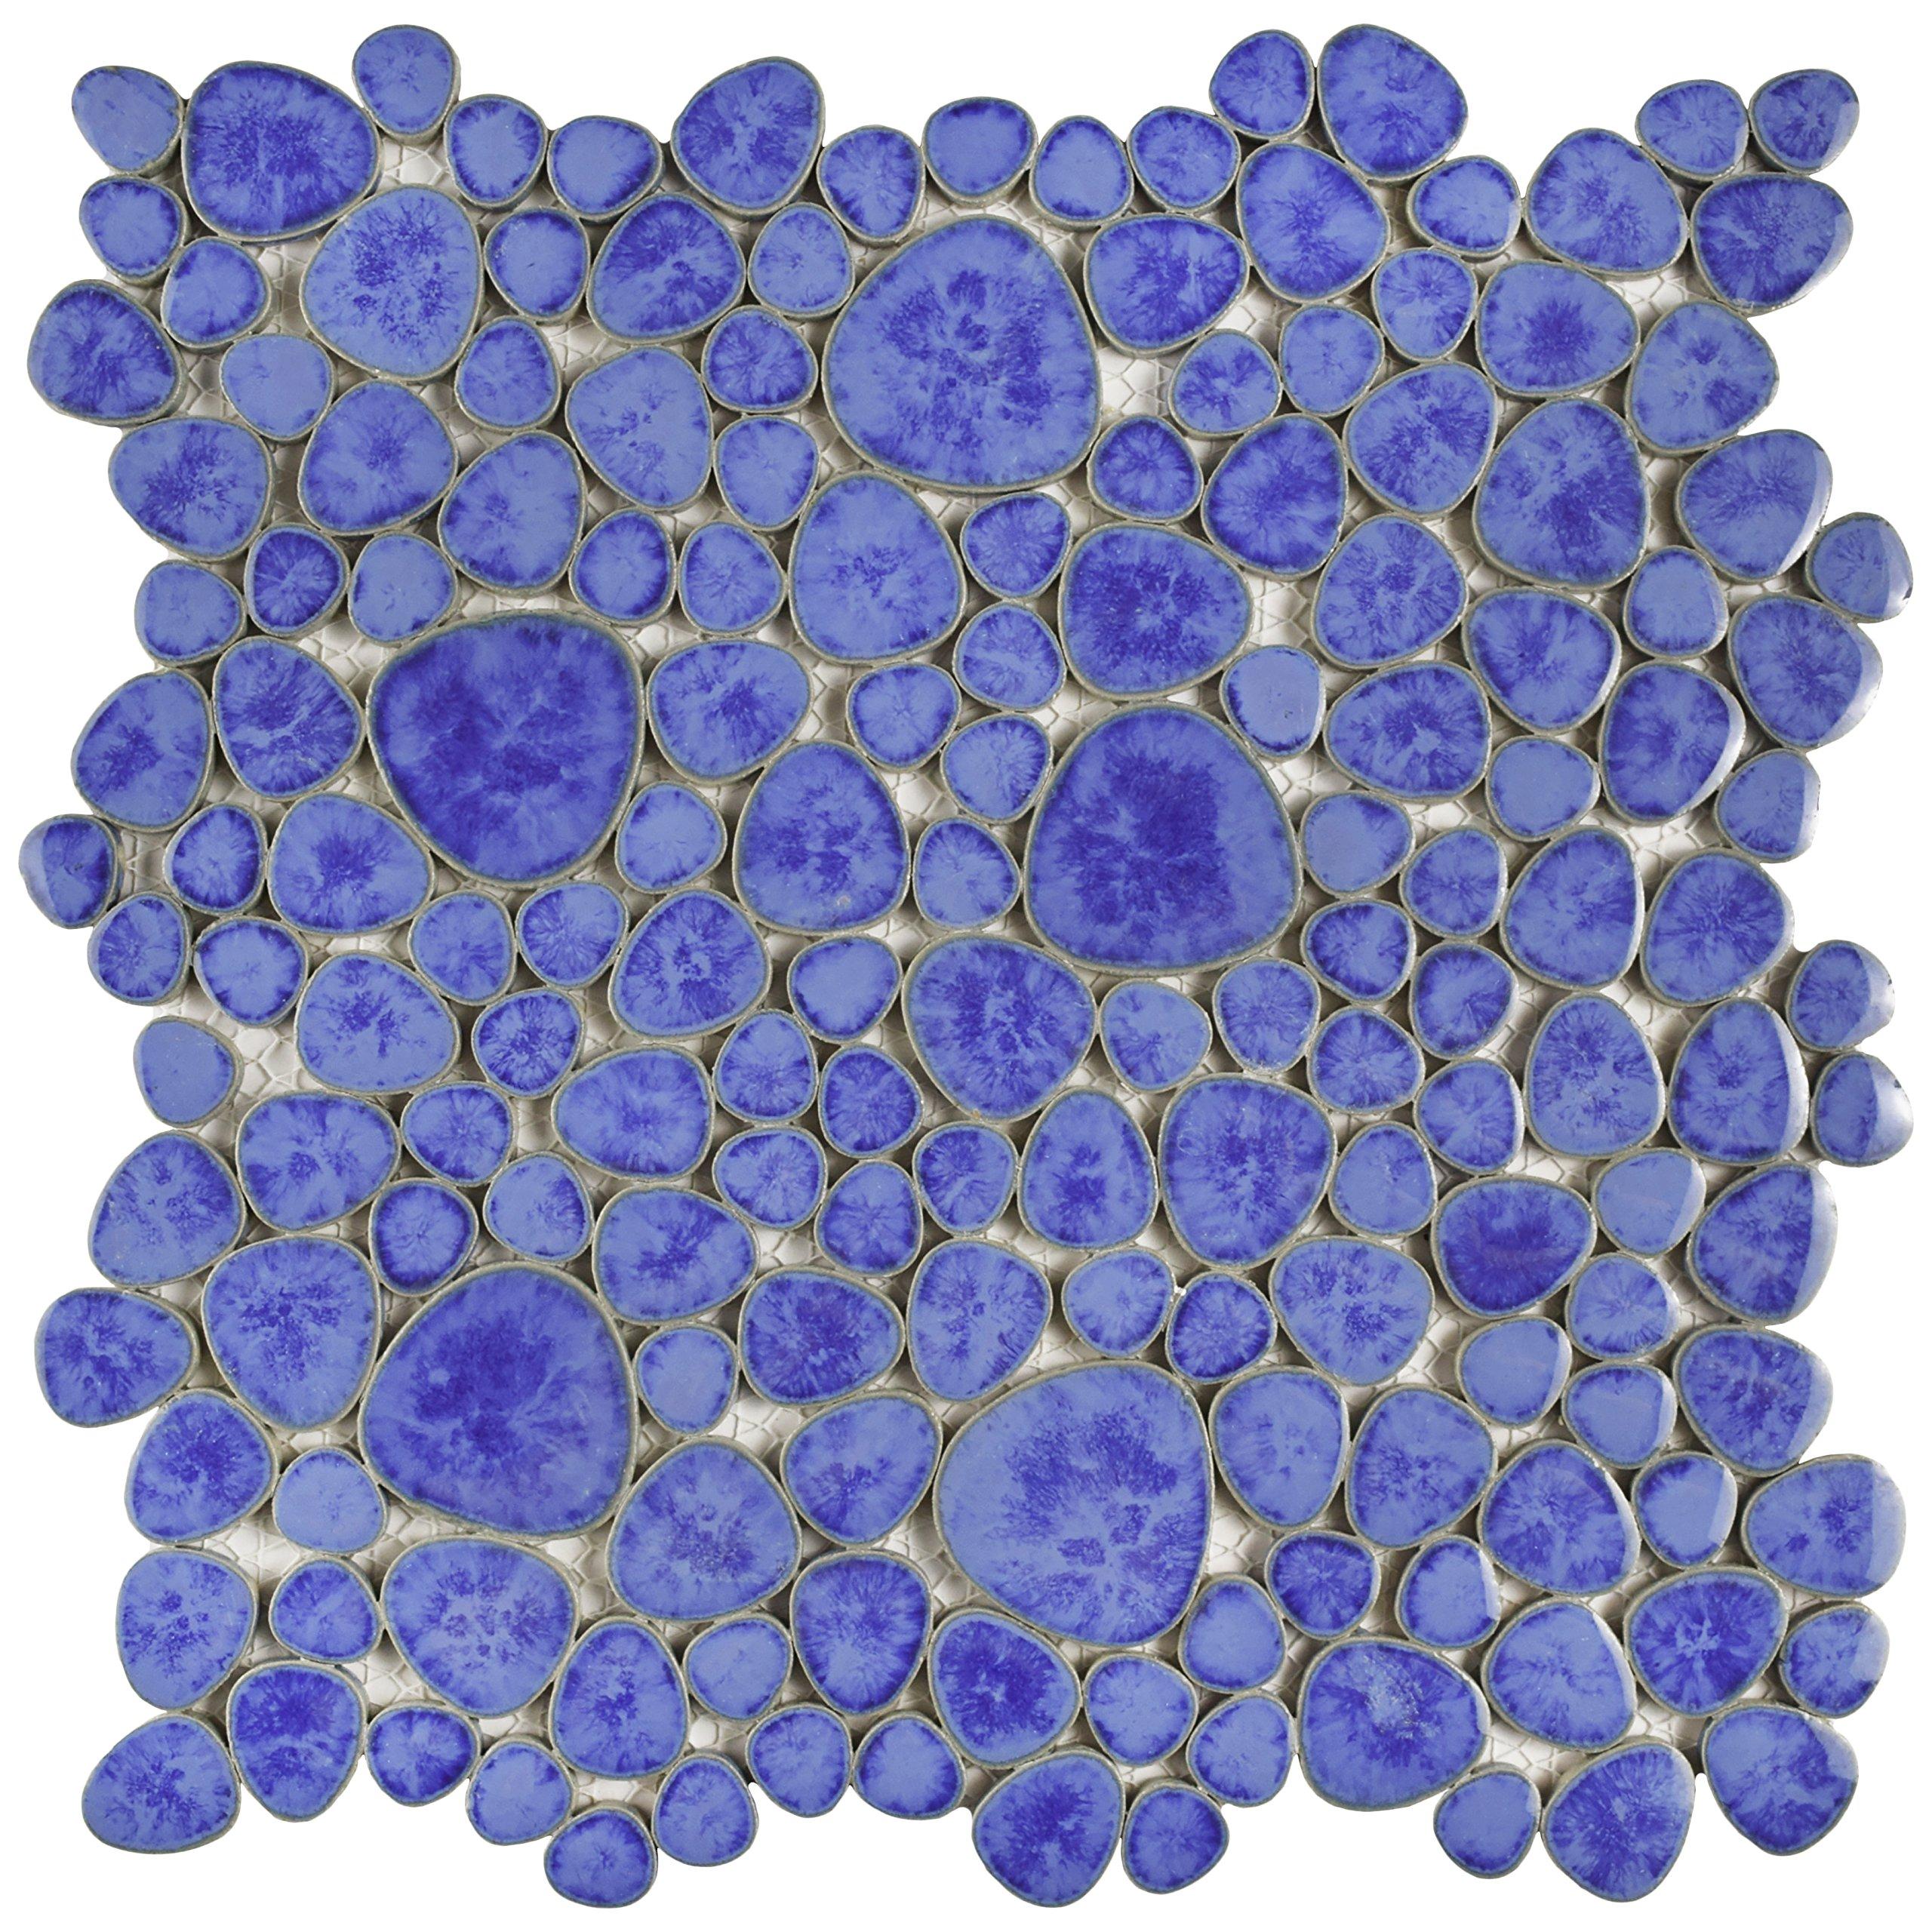 SomerTile FKOPS144 Boulder Cloud Porcelain Floor and Wall Tile, 11'' x 11'', Blue